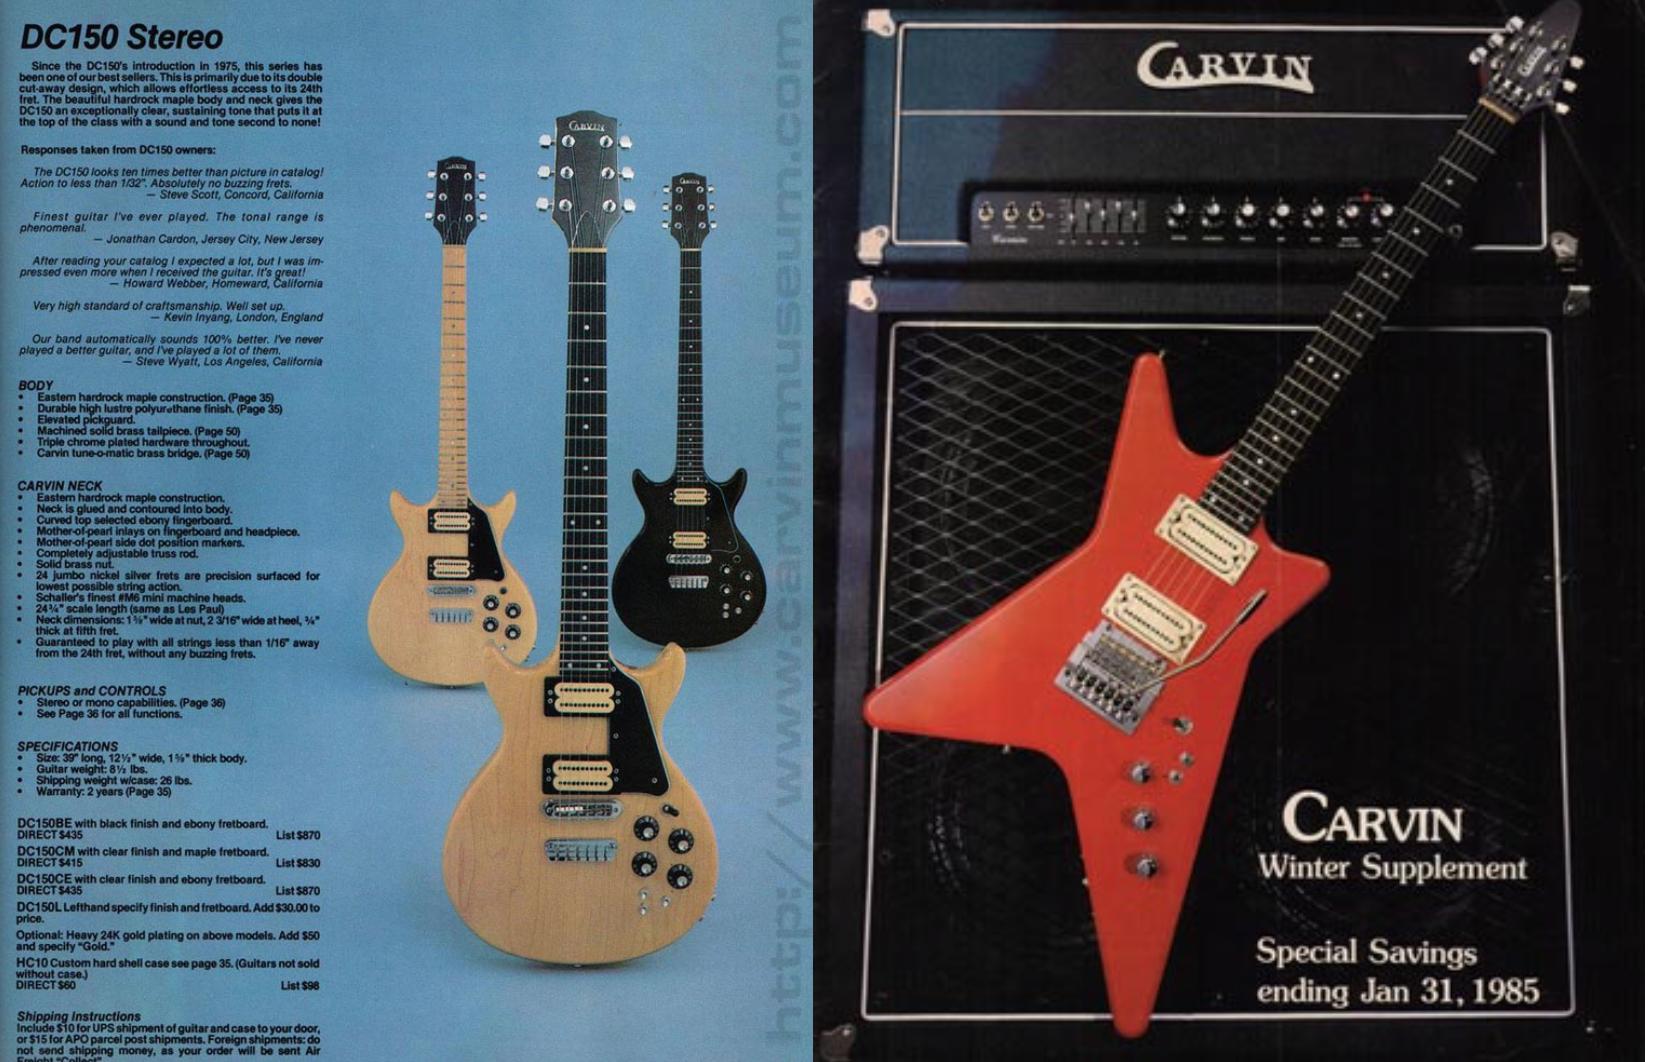 DC150 (1981) Obtenido de ( http://www.carvinmuseum.com/decade/images/81-dc150.html ) y V220 (1984) Obtenido de Carvin Museum (http://www.carvinmuseum.com/decade/84-guitars.html)